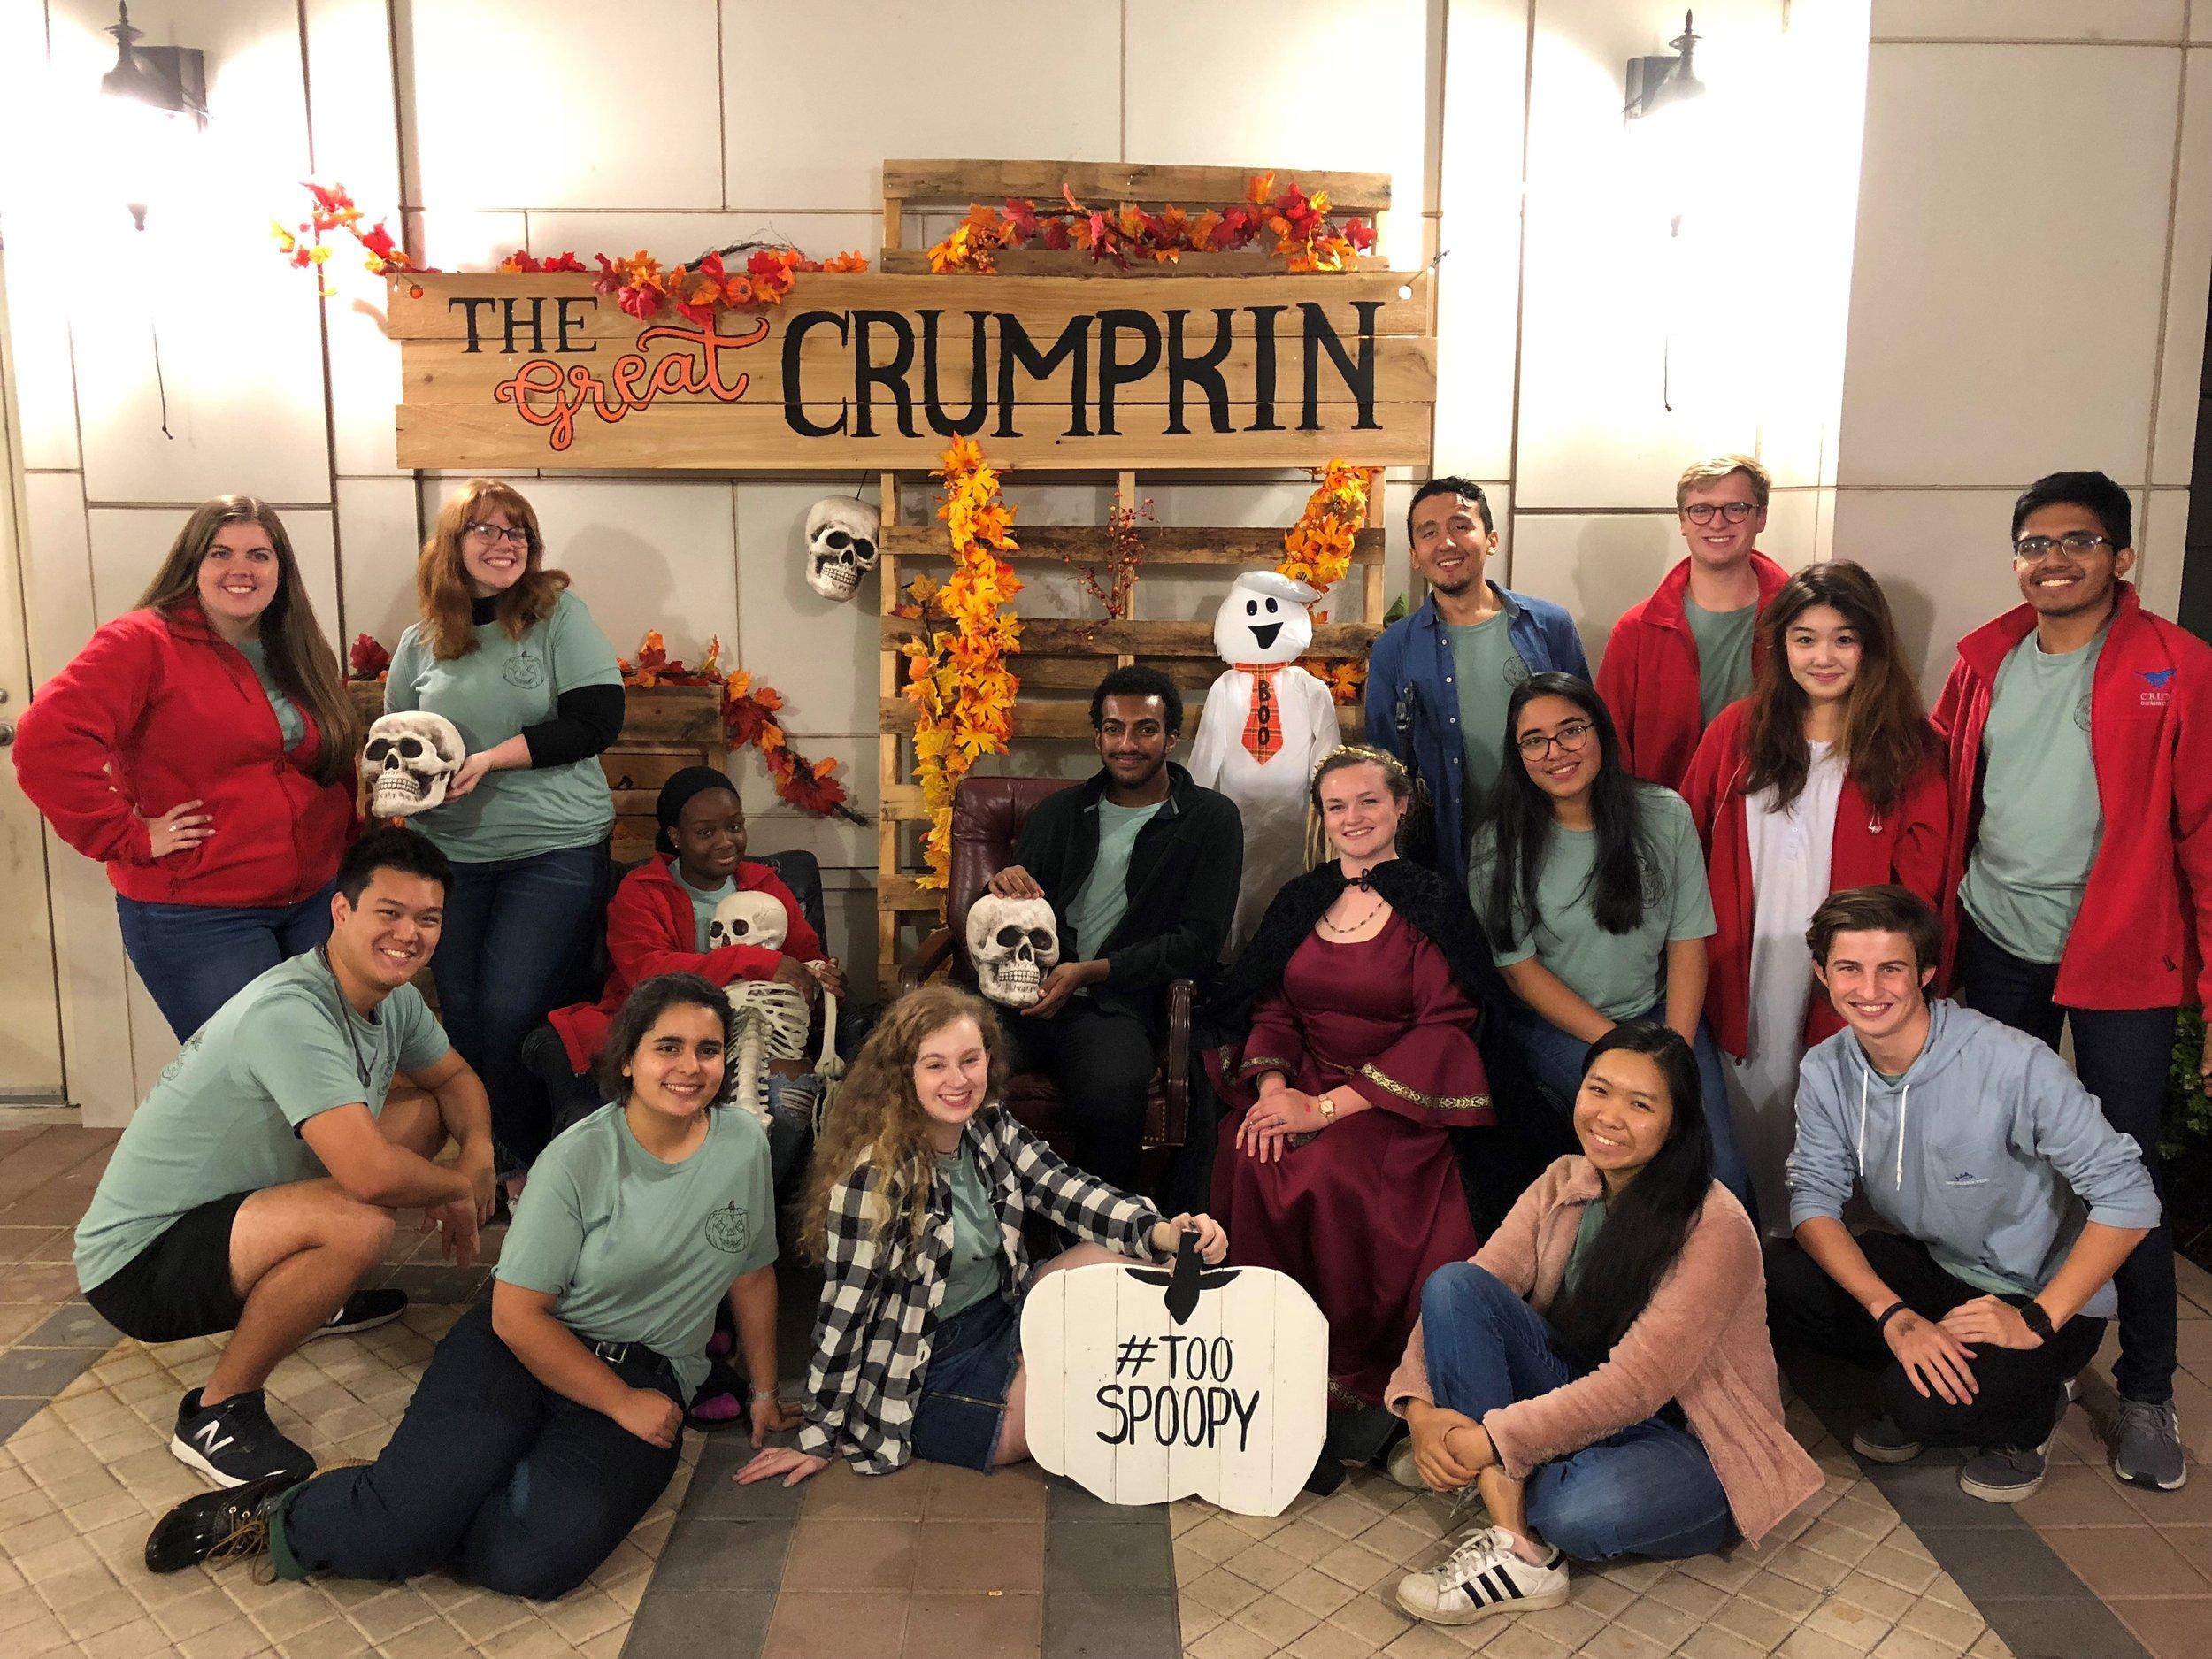 2018 Great Crumpkin